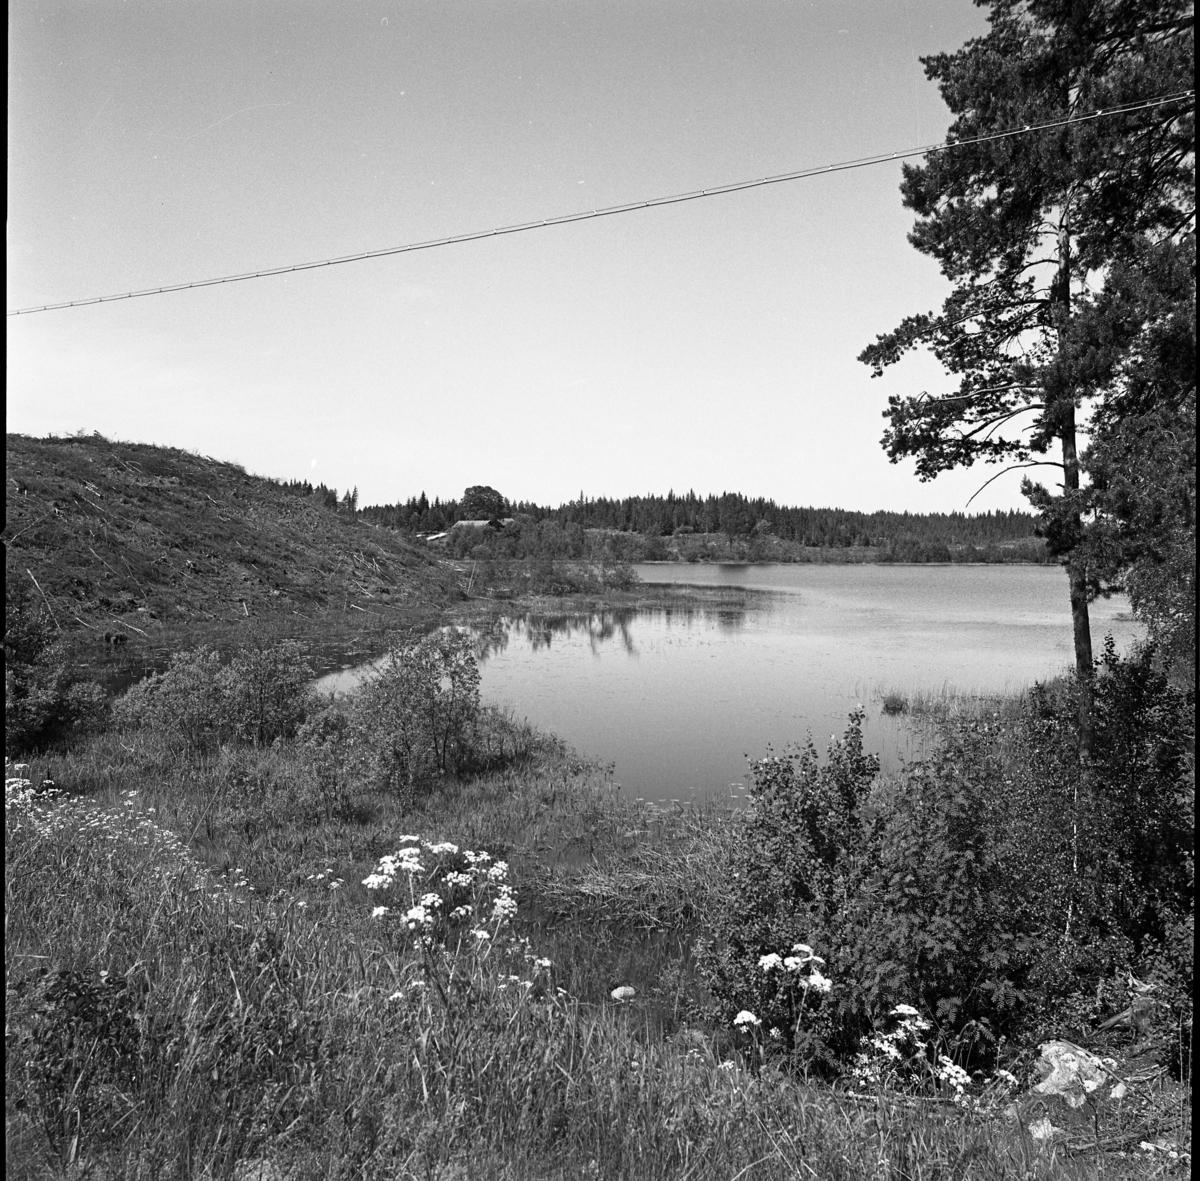 Tjurlången och Sirsjön, miljöbild. Landskap.